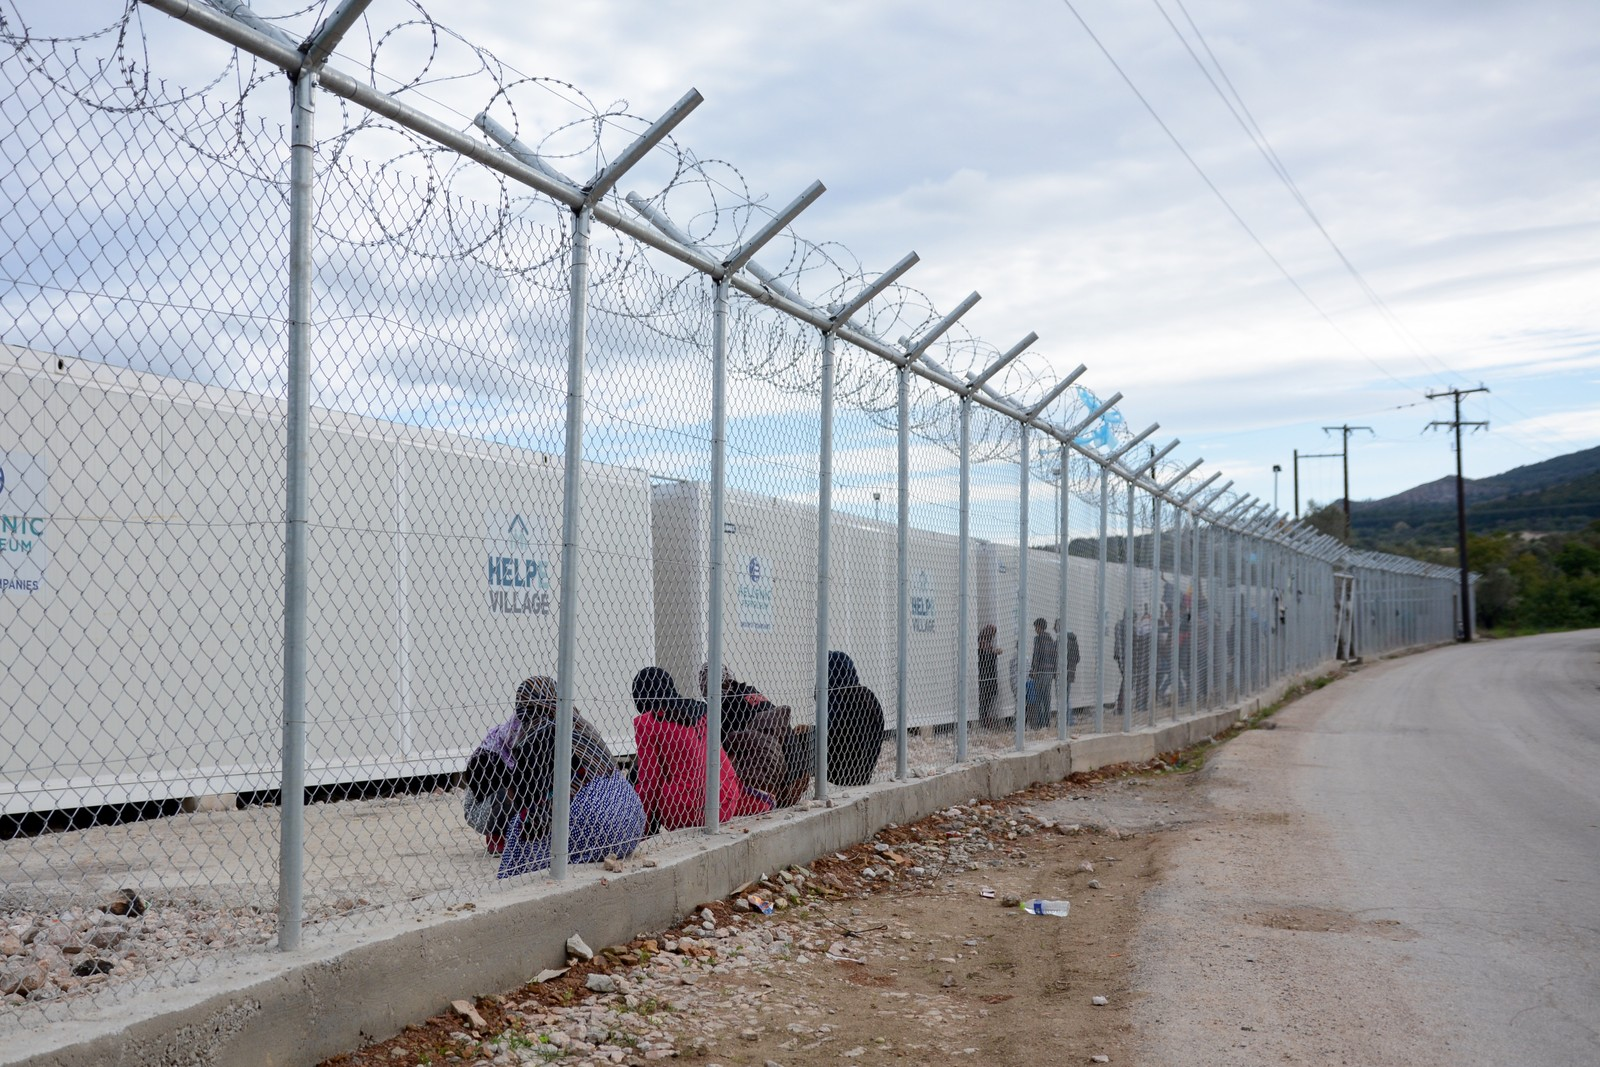 Leiren Vial på den greske øya Chios holder asylsøkere innesperret mens de venter på at asylsøknaden skal behandles.